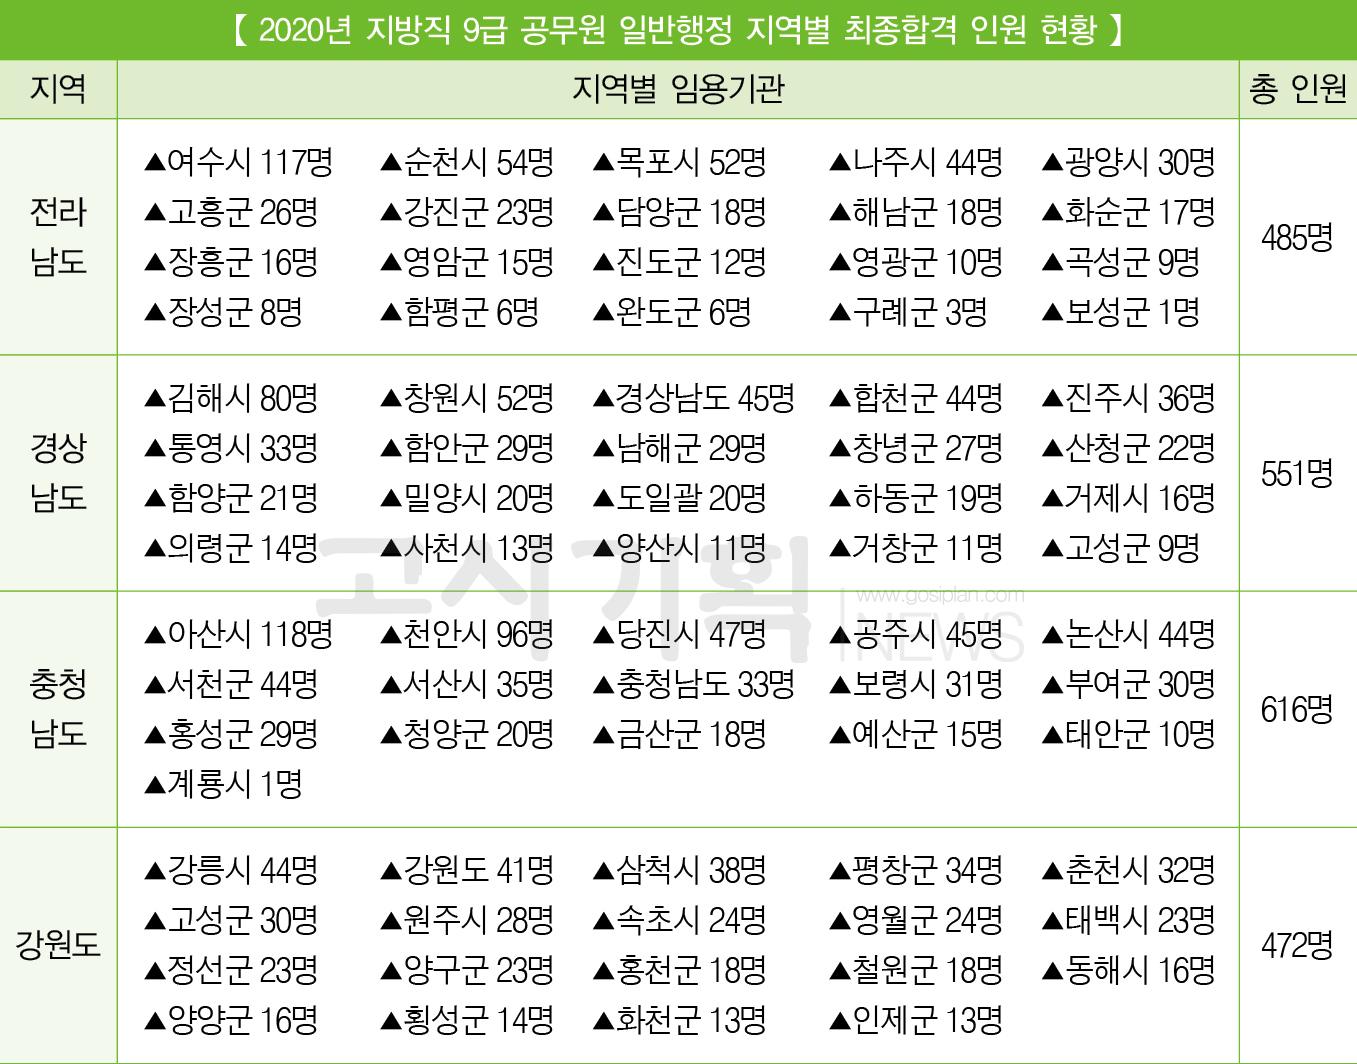 지방직 9급 공무원 각 시ㆍ도 지역별 최종합격자 인원은?